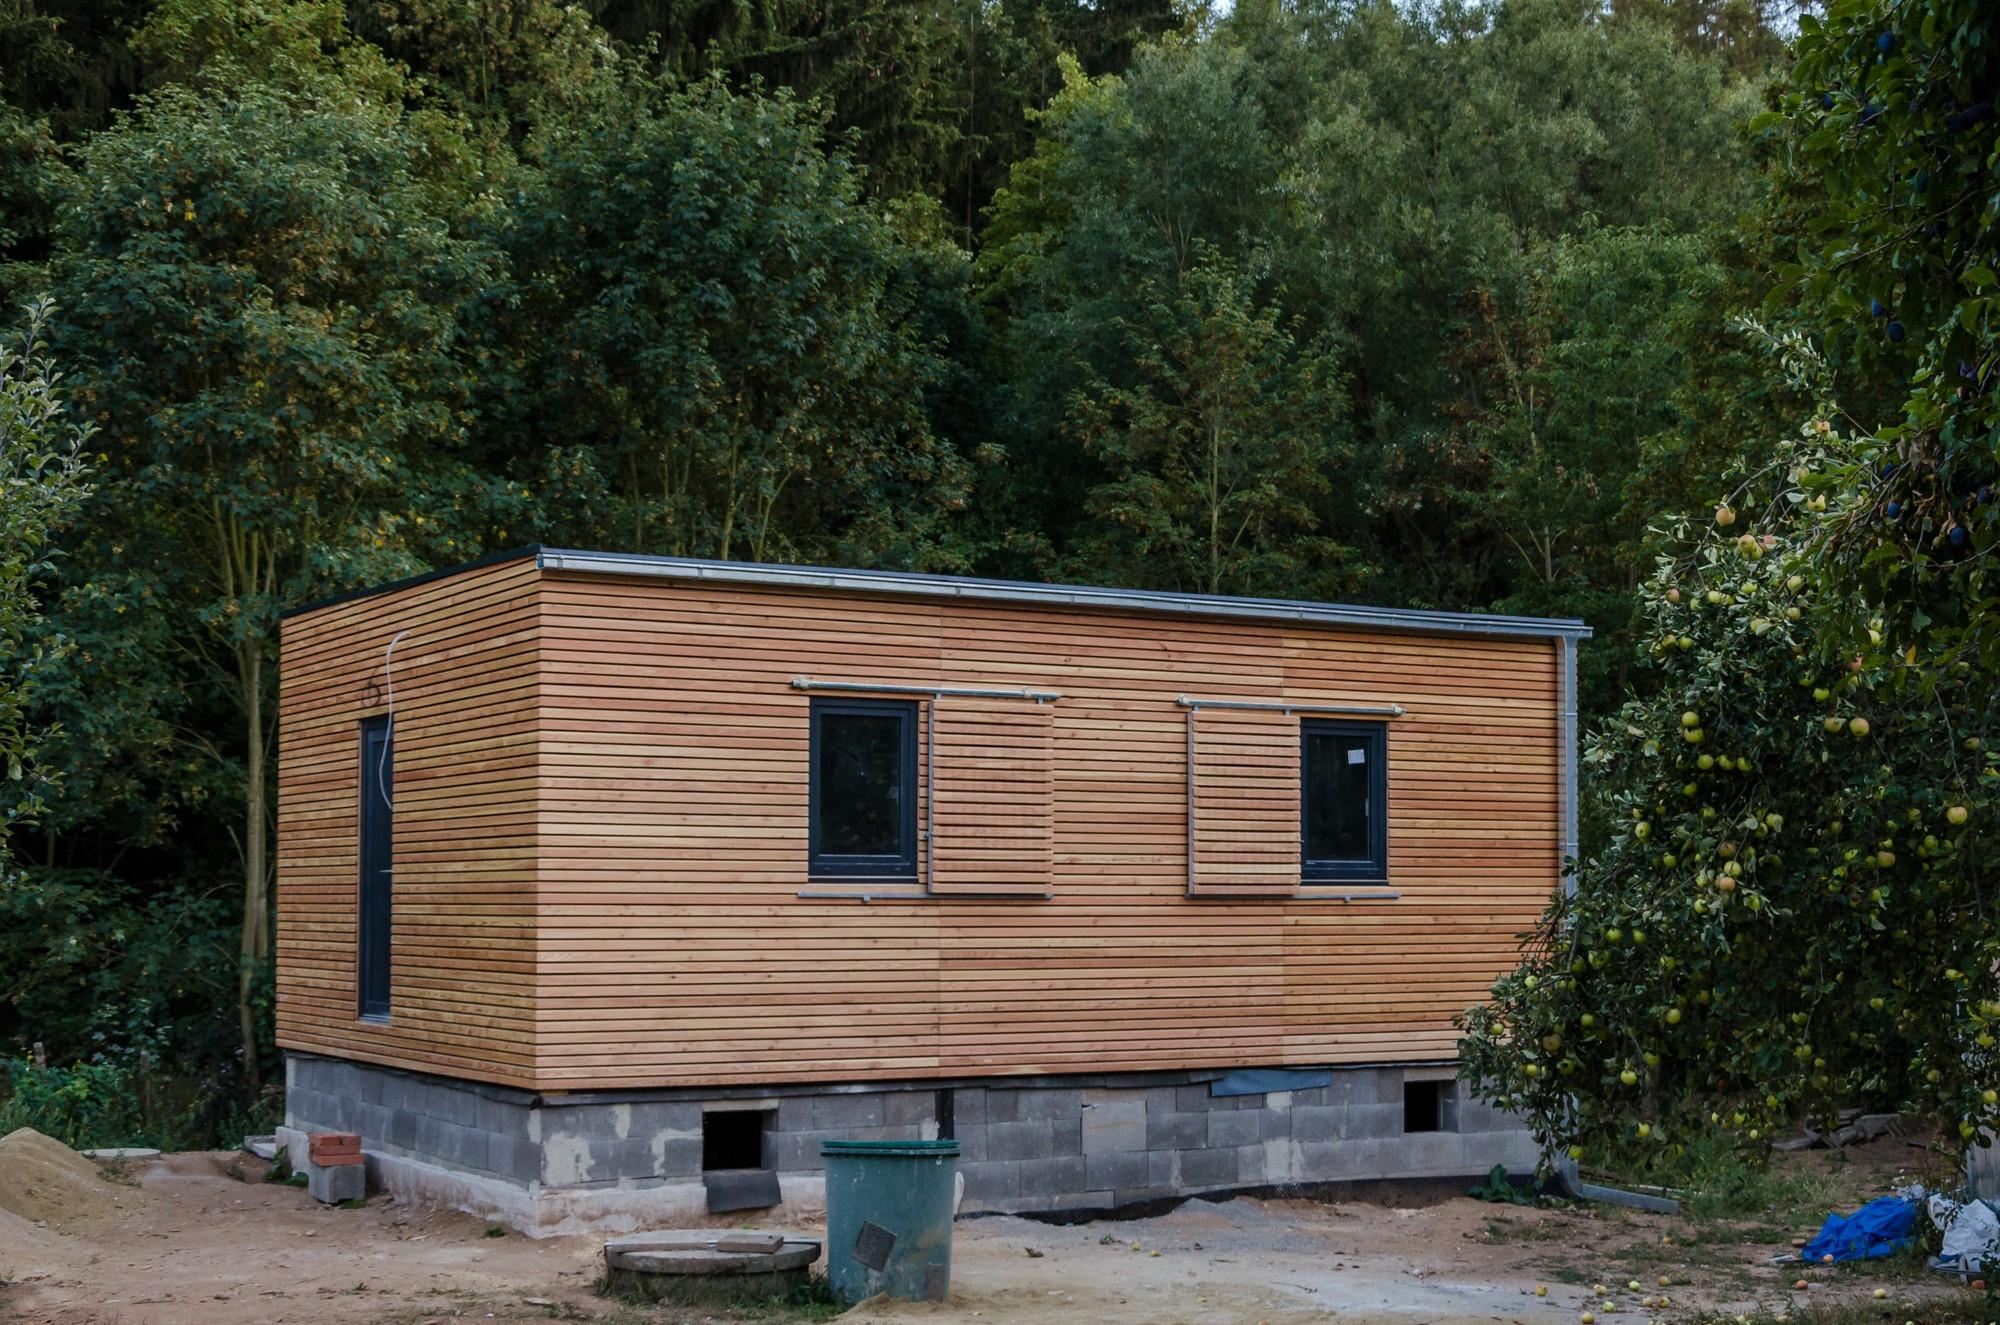 Wochenendhaus Bauen momentan bauen wir ein wochenendhaus mit dem weinkeller - neuheiten